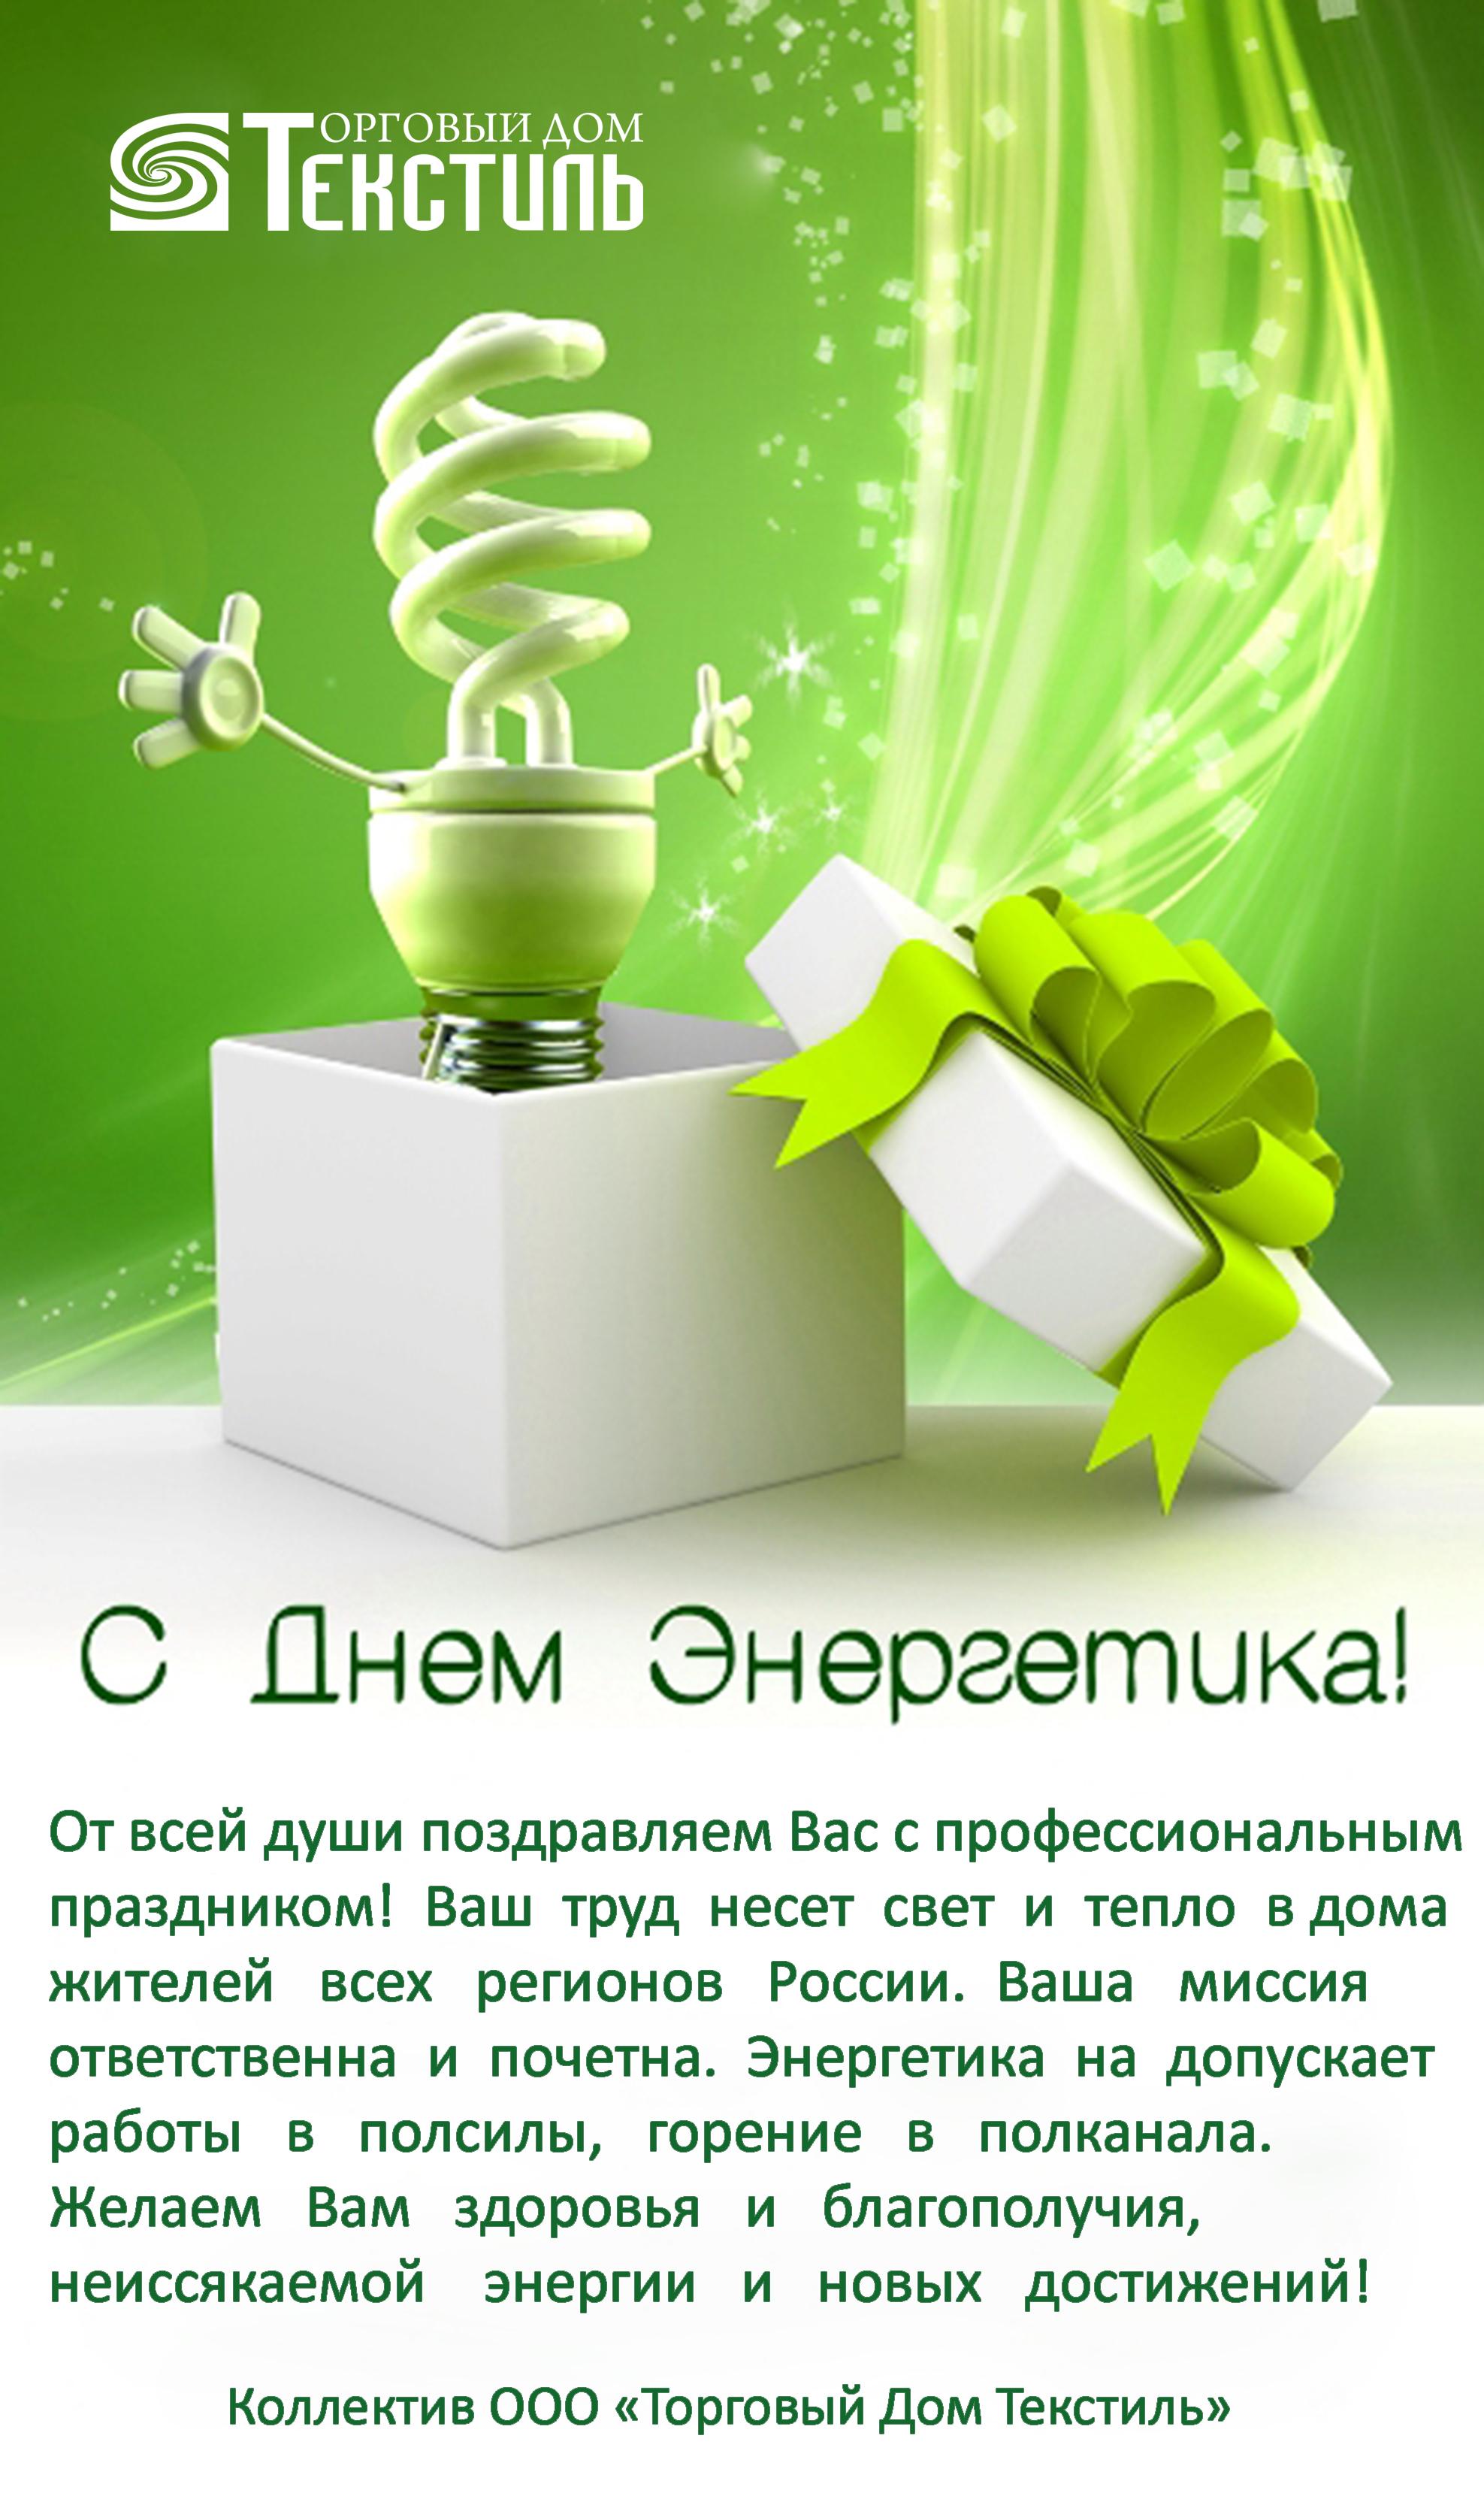 С днем энергетика в открытках